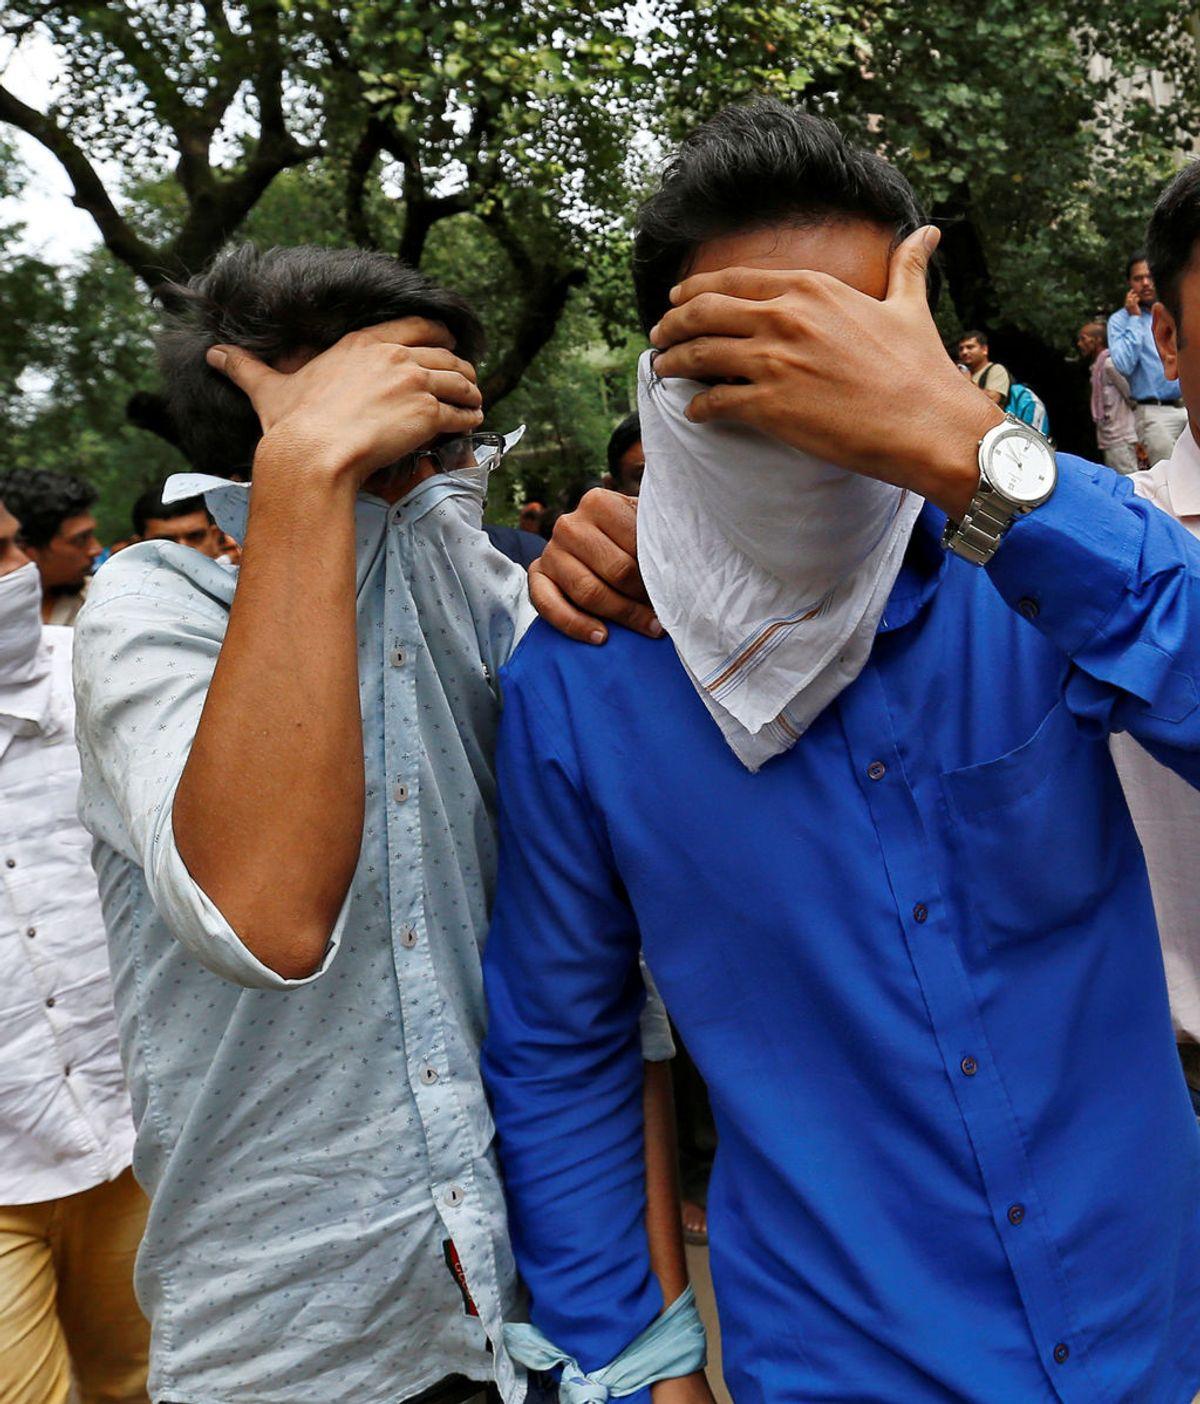 Condenados dos hombres a cadena perpetua en India por violar a su sobrina de diez años